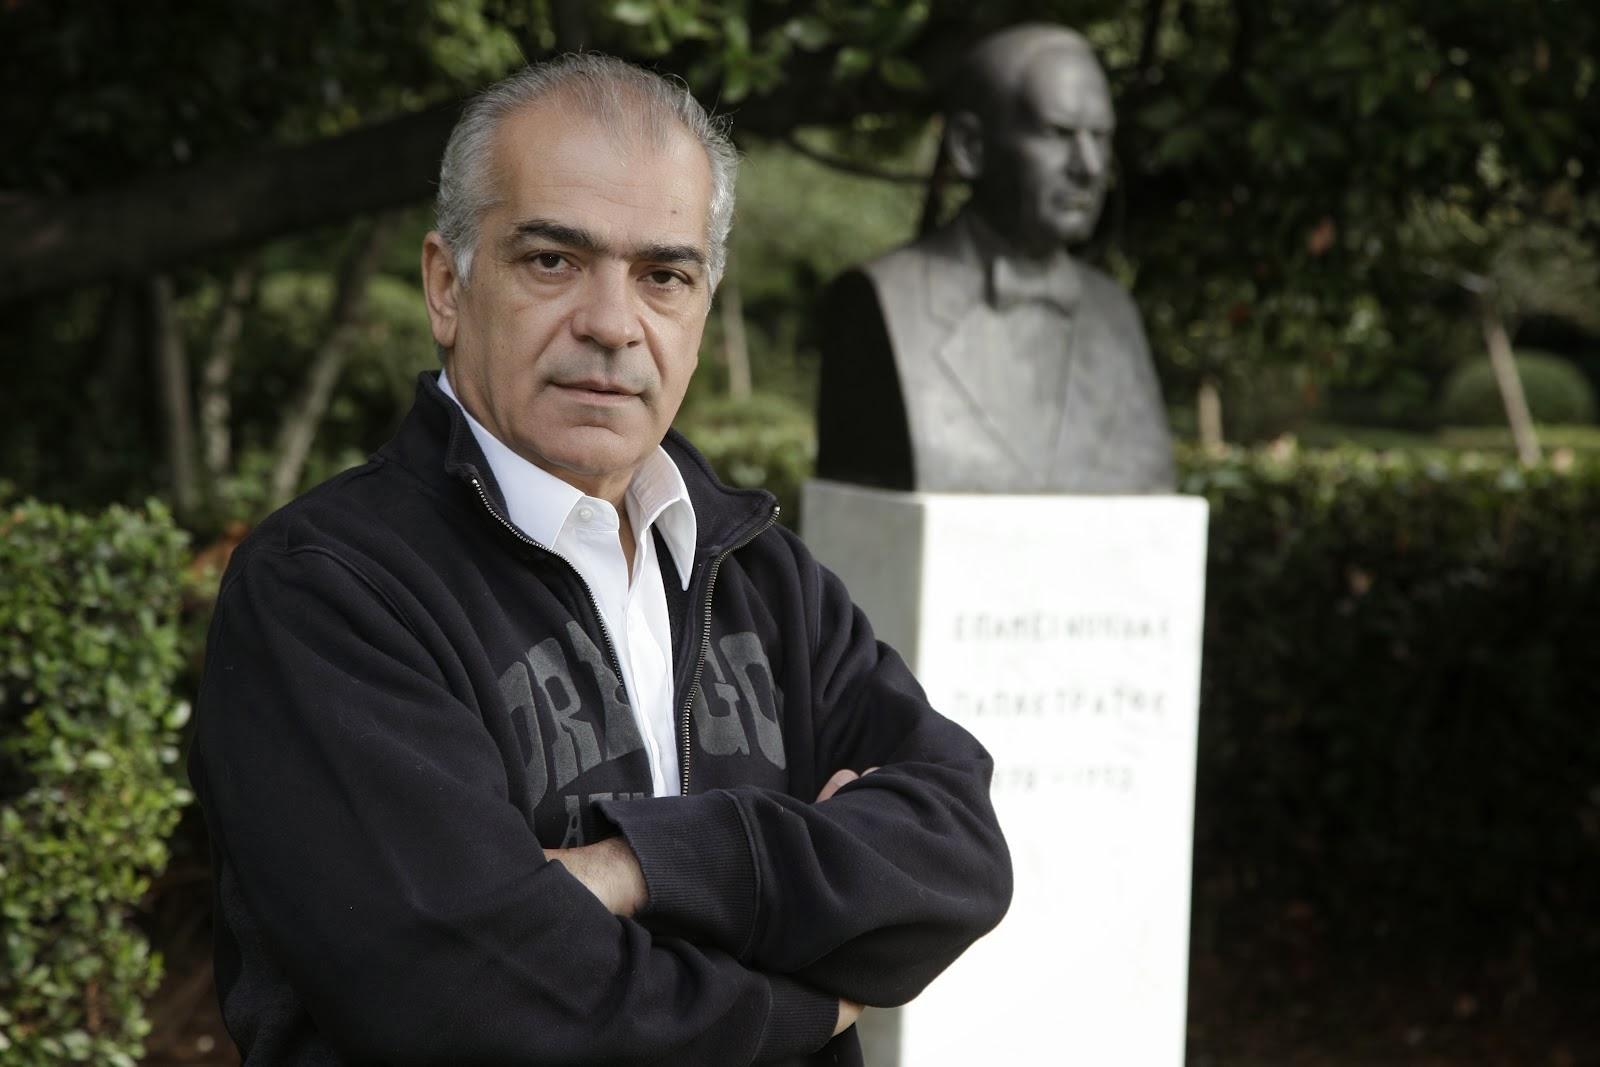 Ο Σταμάτης στηρίζει αυτόν που θα «τελειώσει στις Ευρωεκλογές»